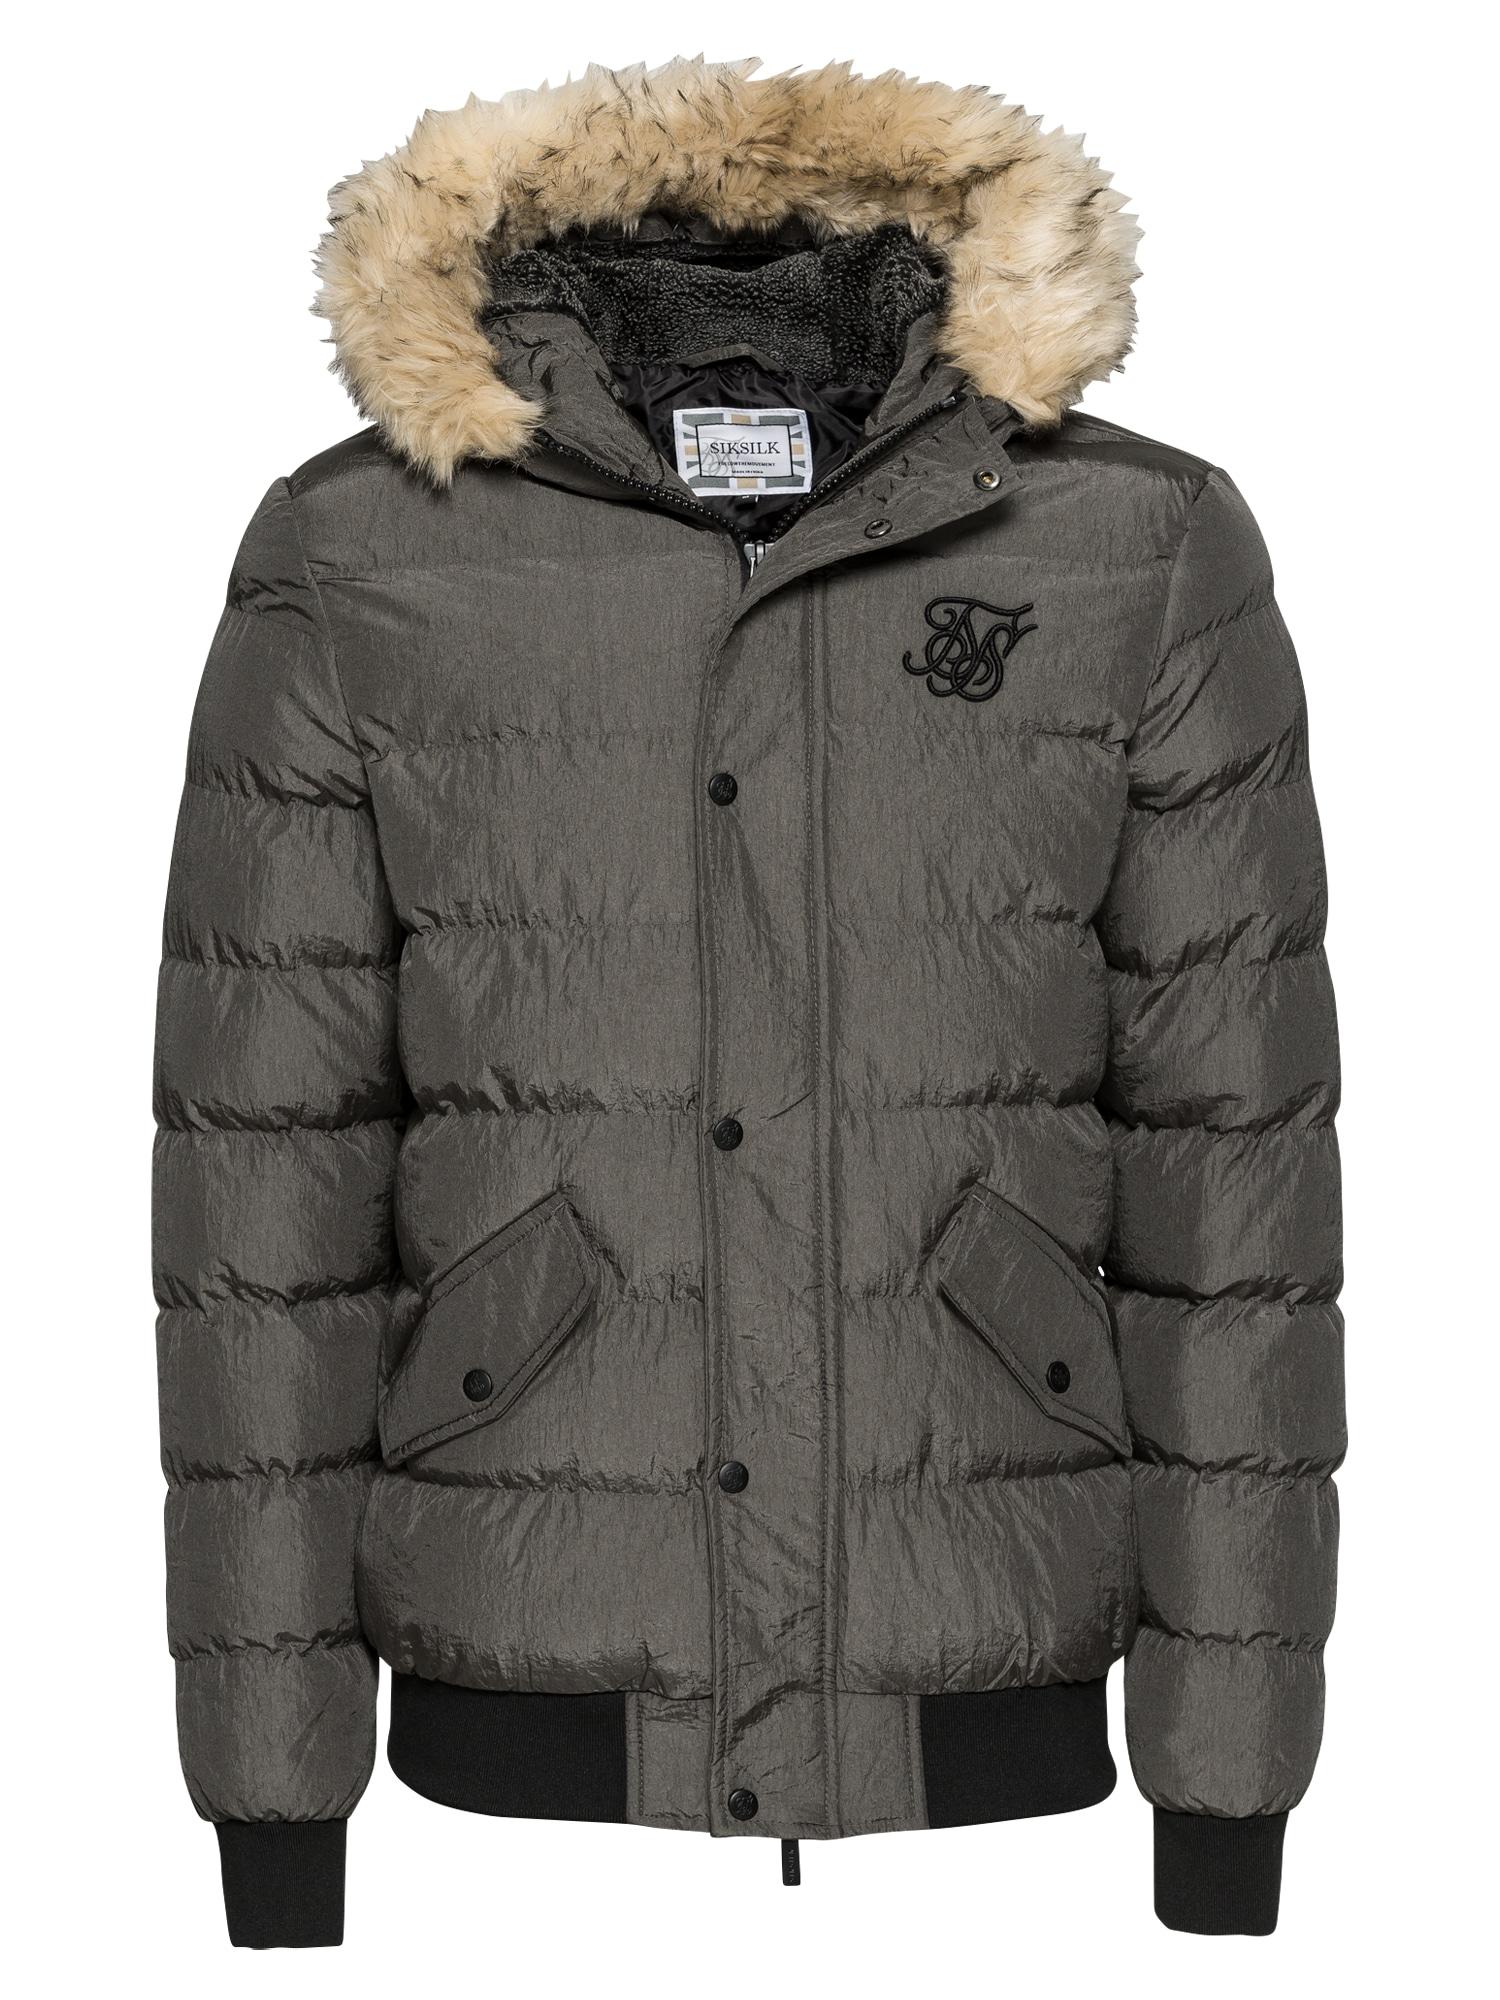 Zimní bunda parachute tmavě šedá SikSilk